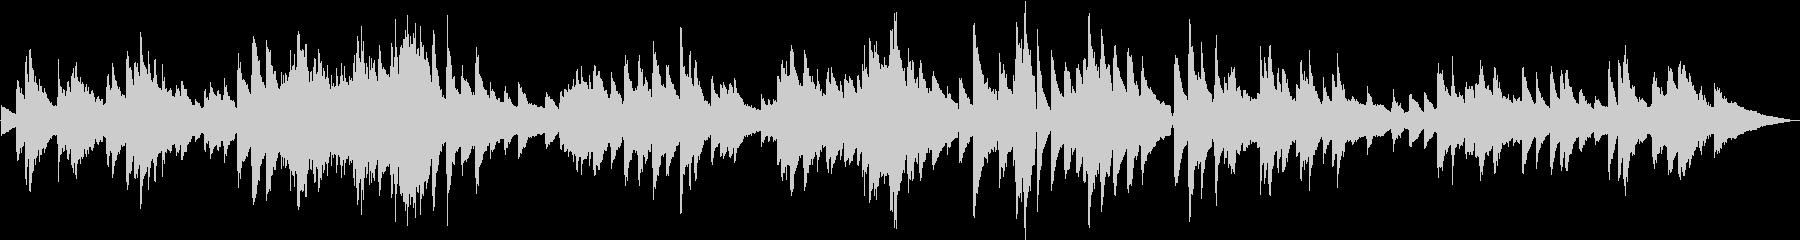 生演奏 ゆったりしたピアノBGMの未再生の波形